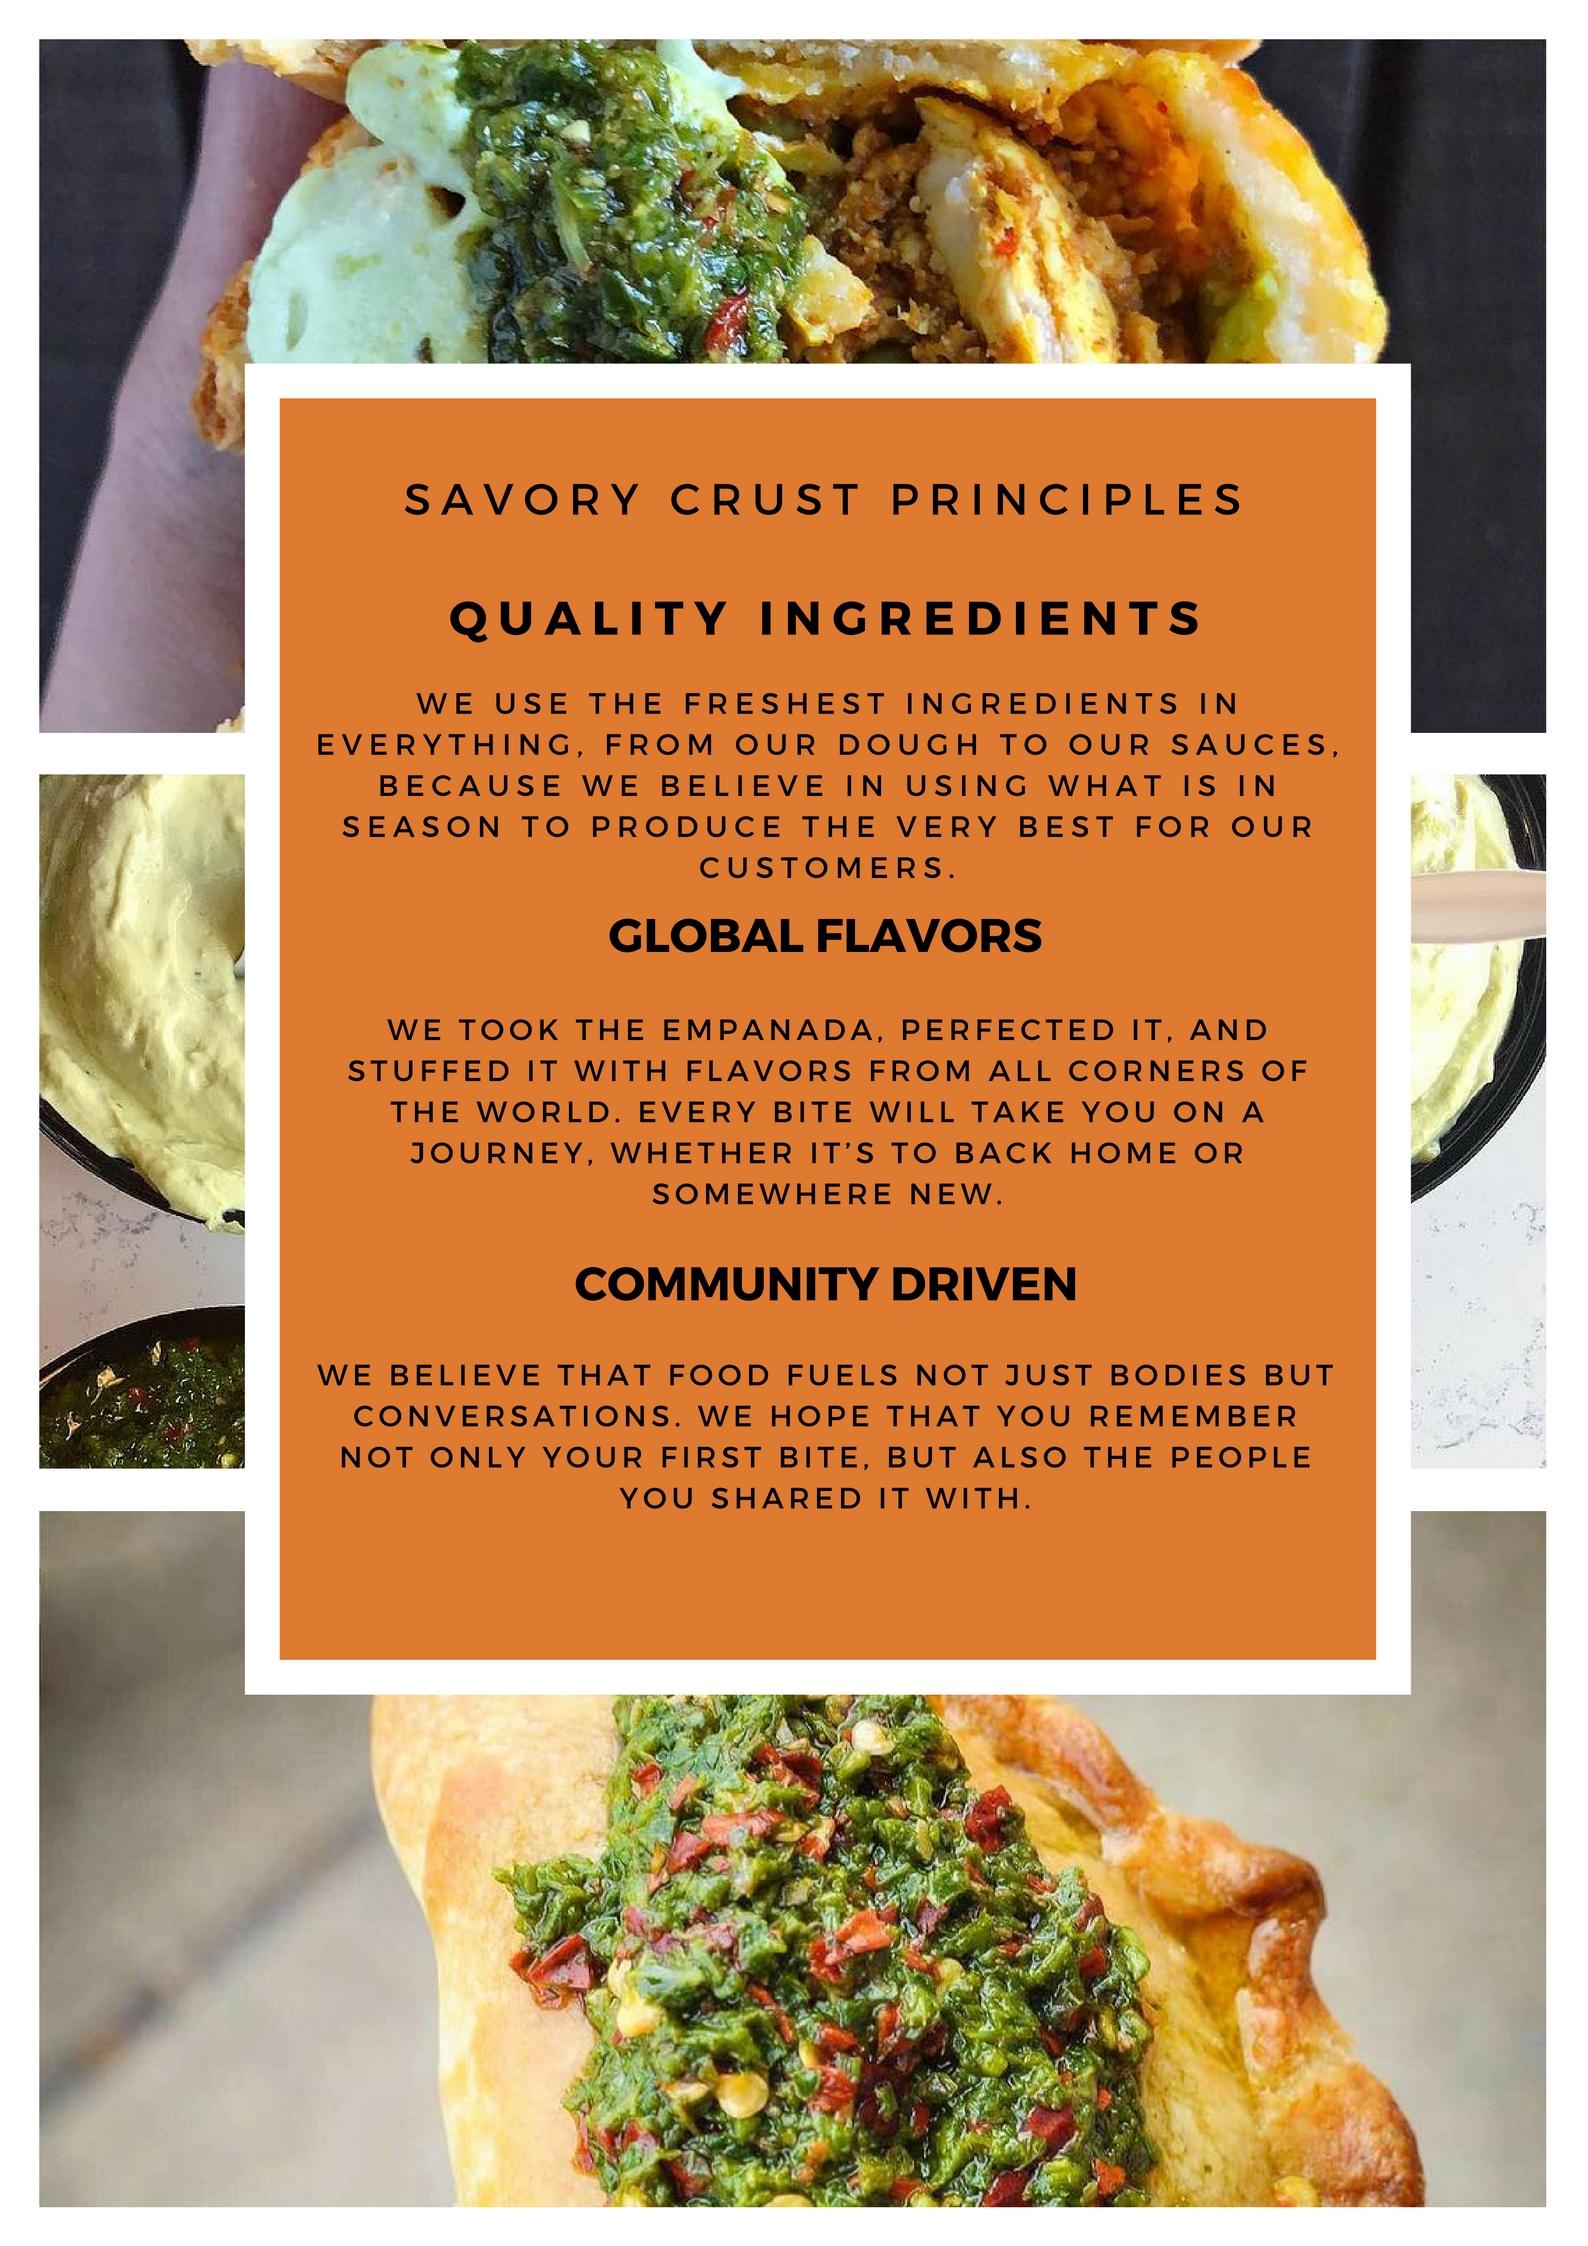 Savory crust believes in